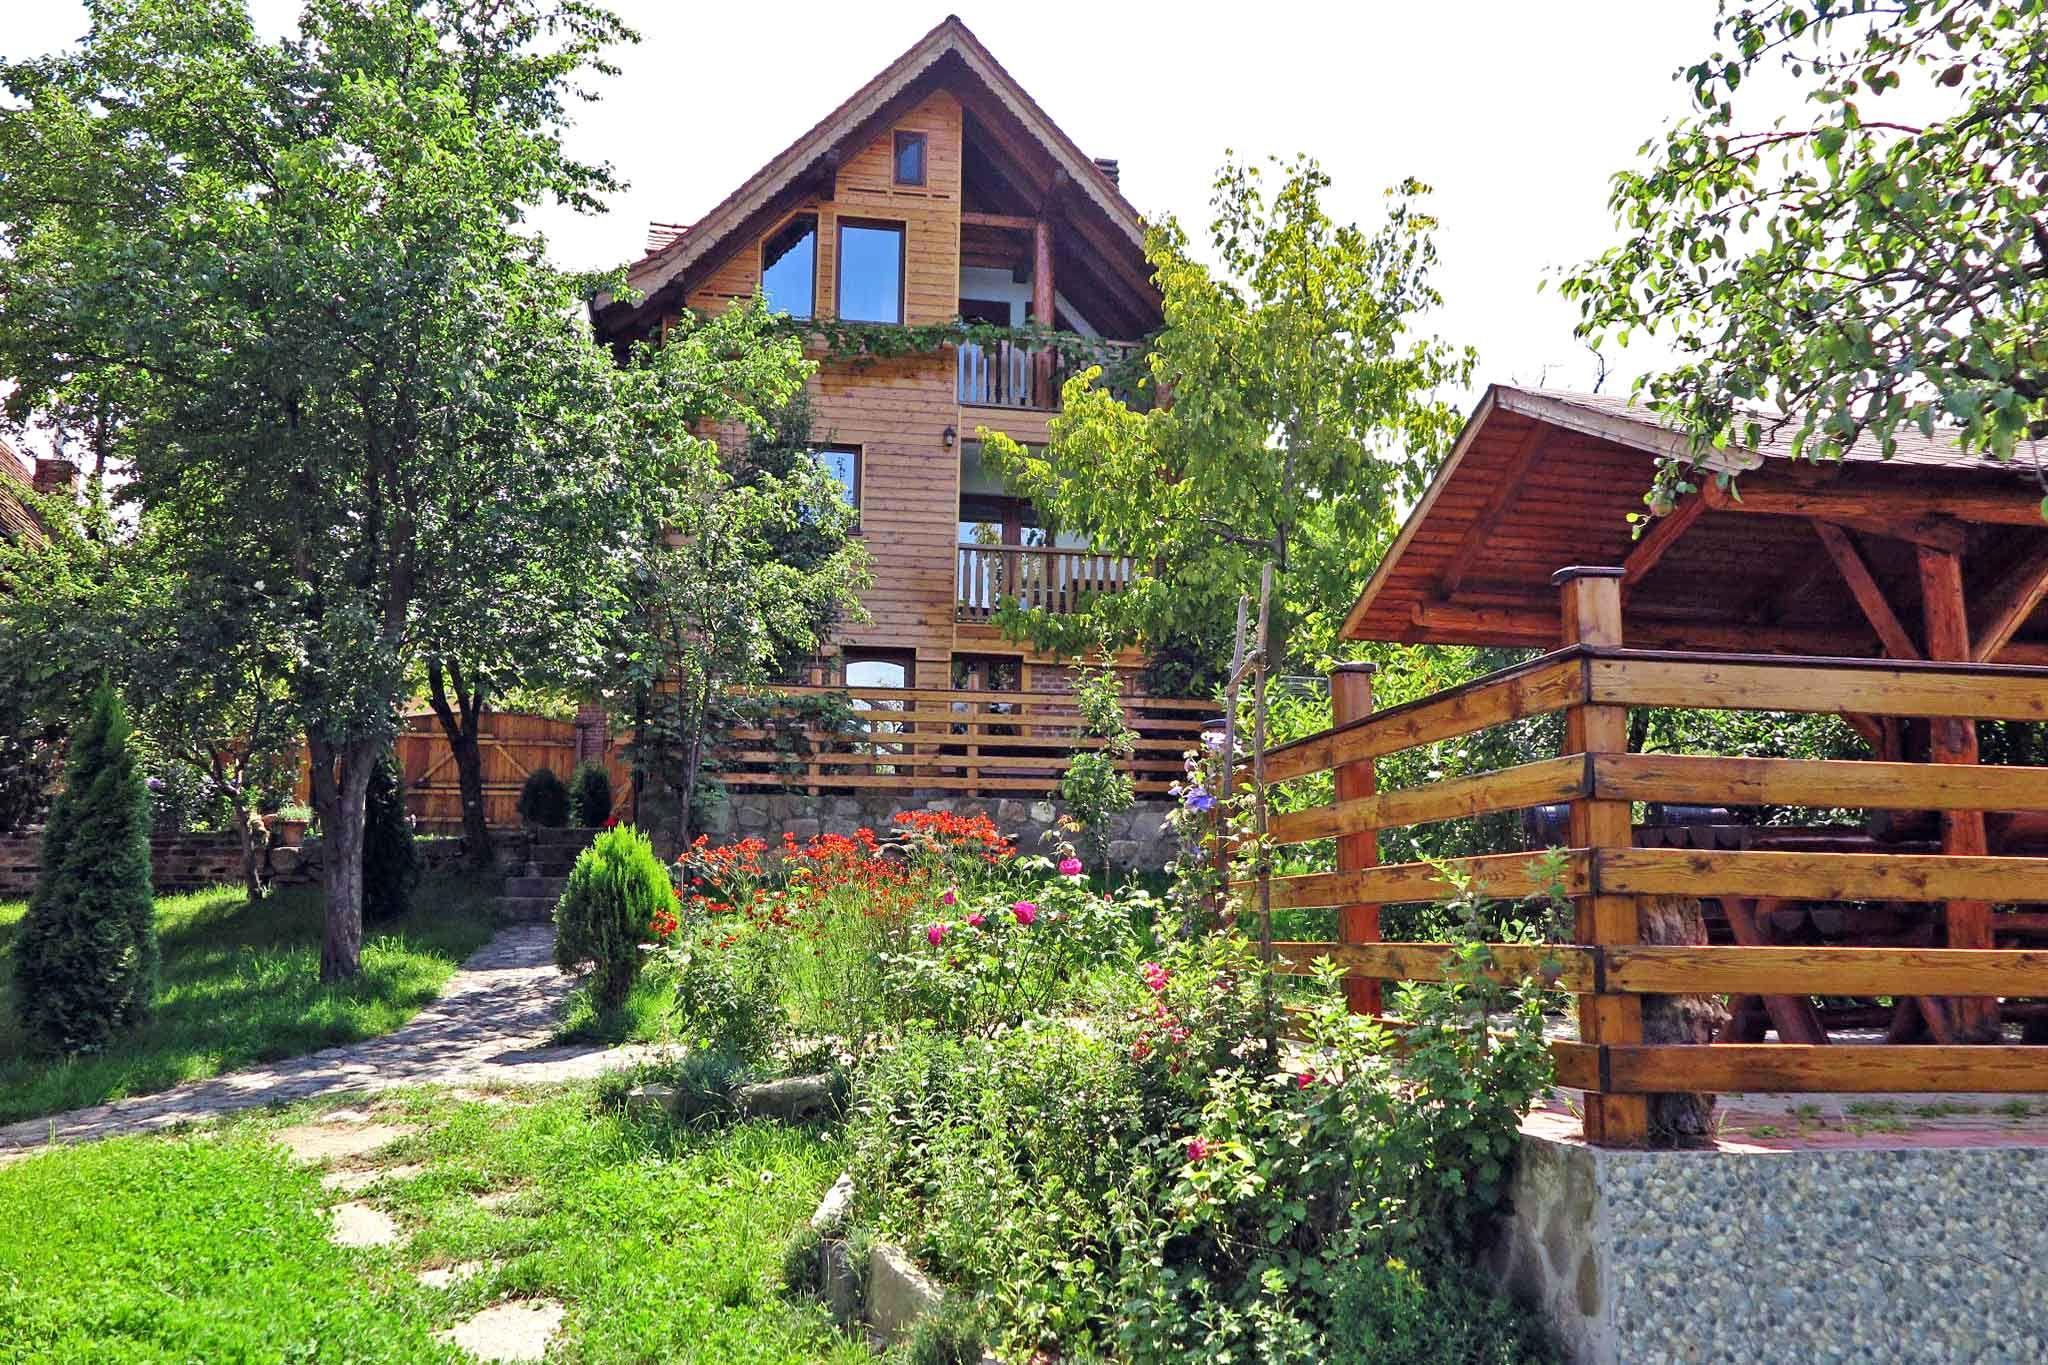 CASA VALE 6 Ferienhäuser in urigem Hirtendorf am Fuße der Karpaten